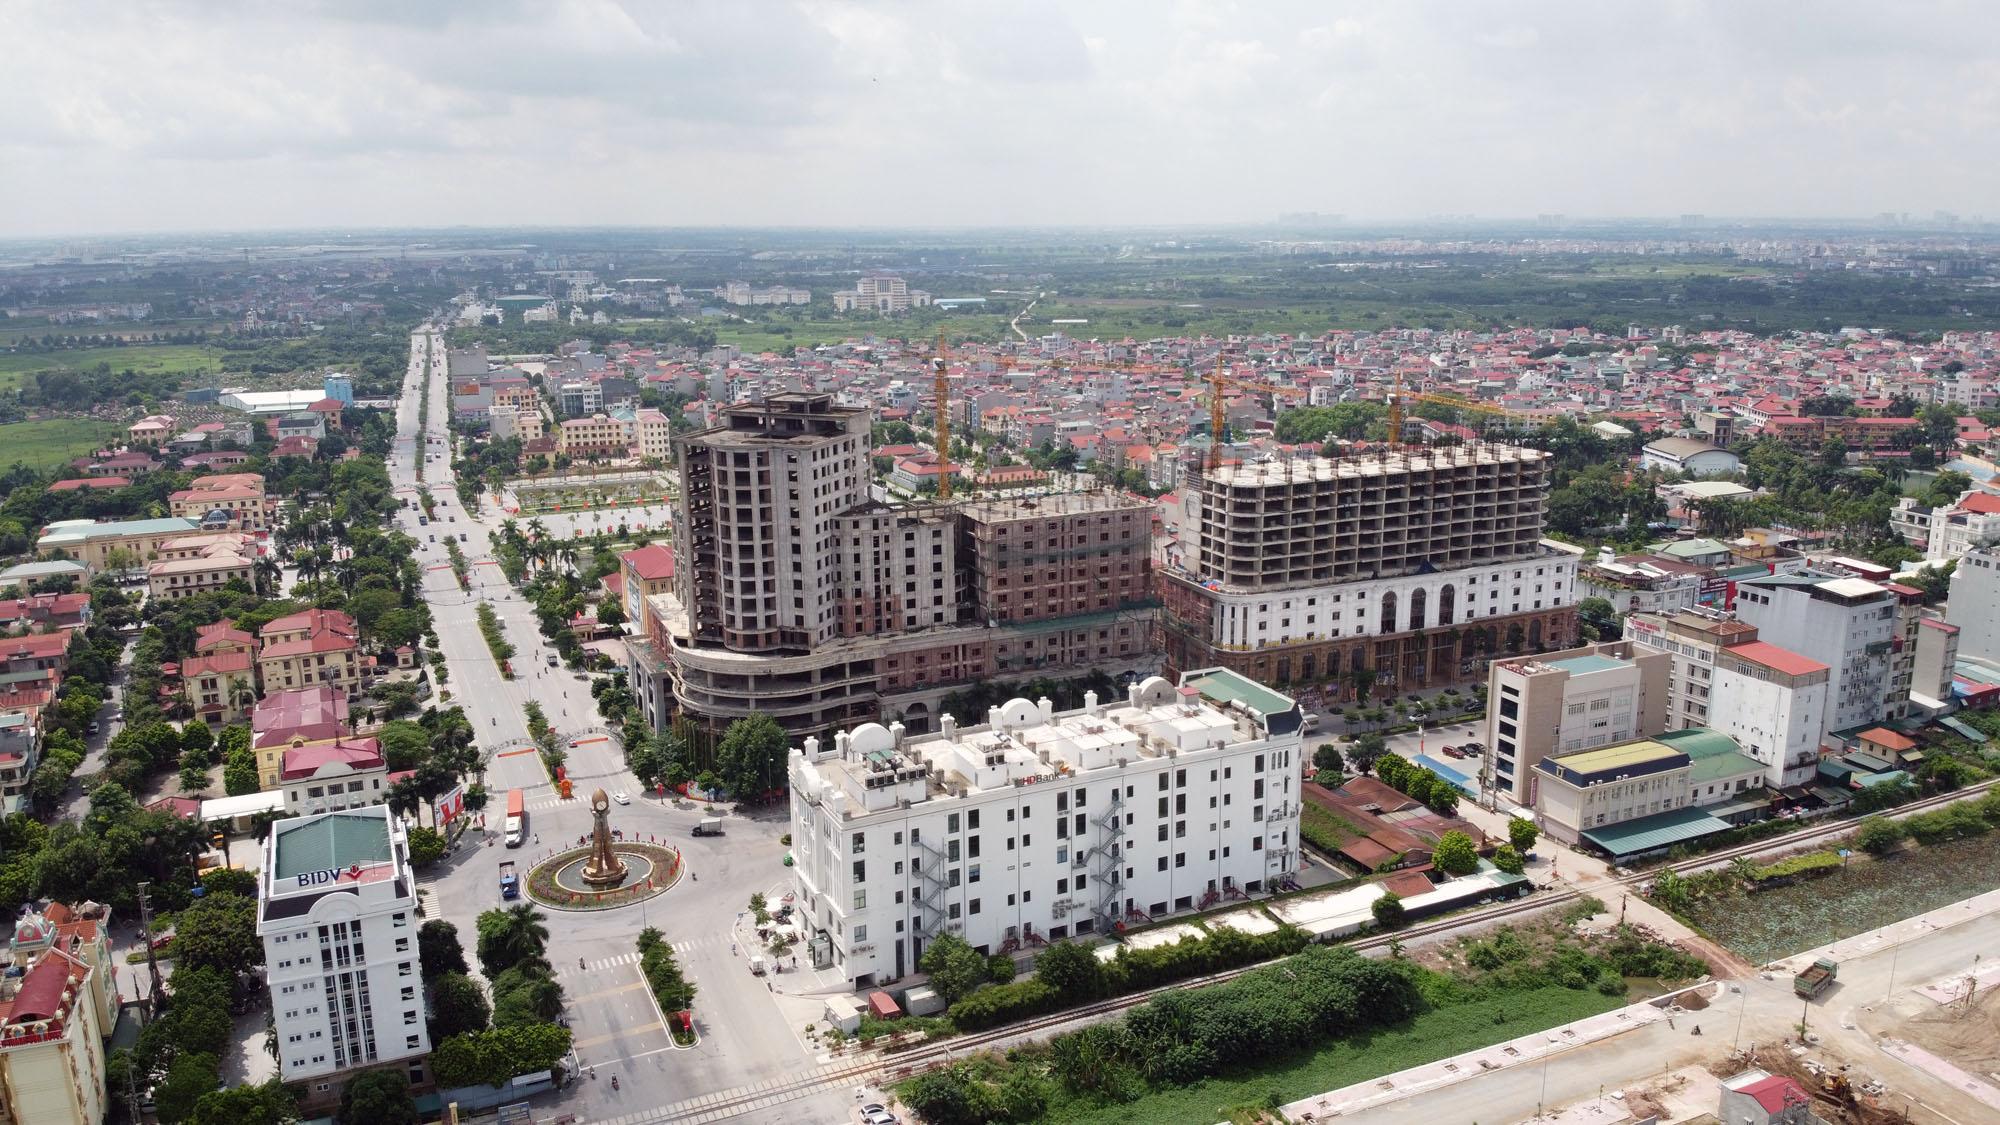 Dự án TTTM Hongkong London trên 'đất vàng' Từ Sơn, Bắc Ninh bỏ hoang nhiều năm - Ảnh 1.